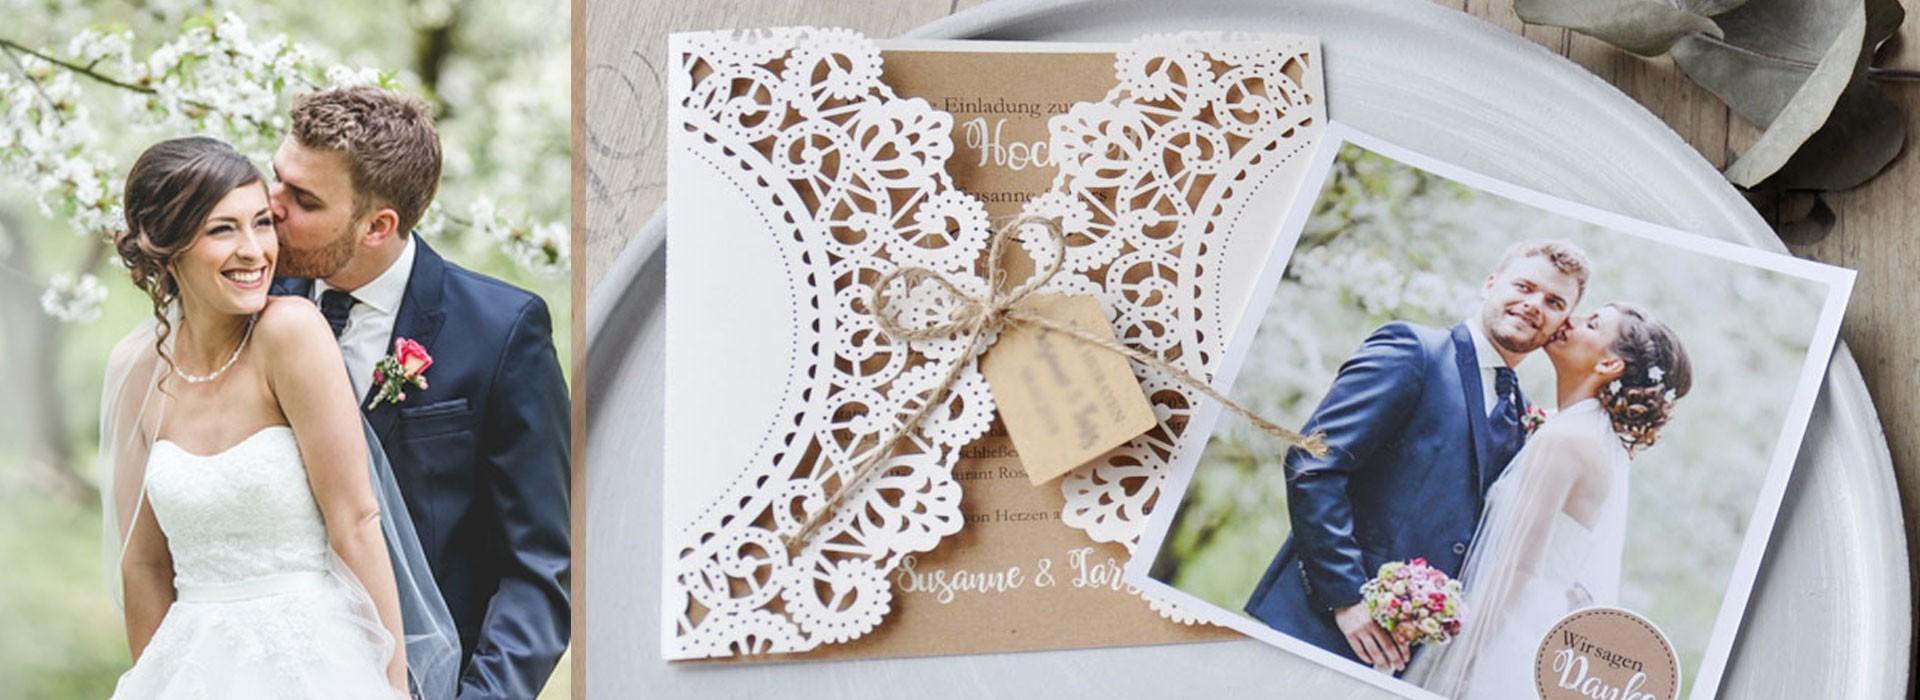 Individuelle Hochzeitseinladungen mit Spitze und Kraftpapier - hier mit gratis Gestaltungsservice bestellen!